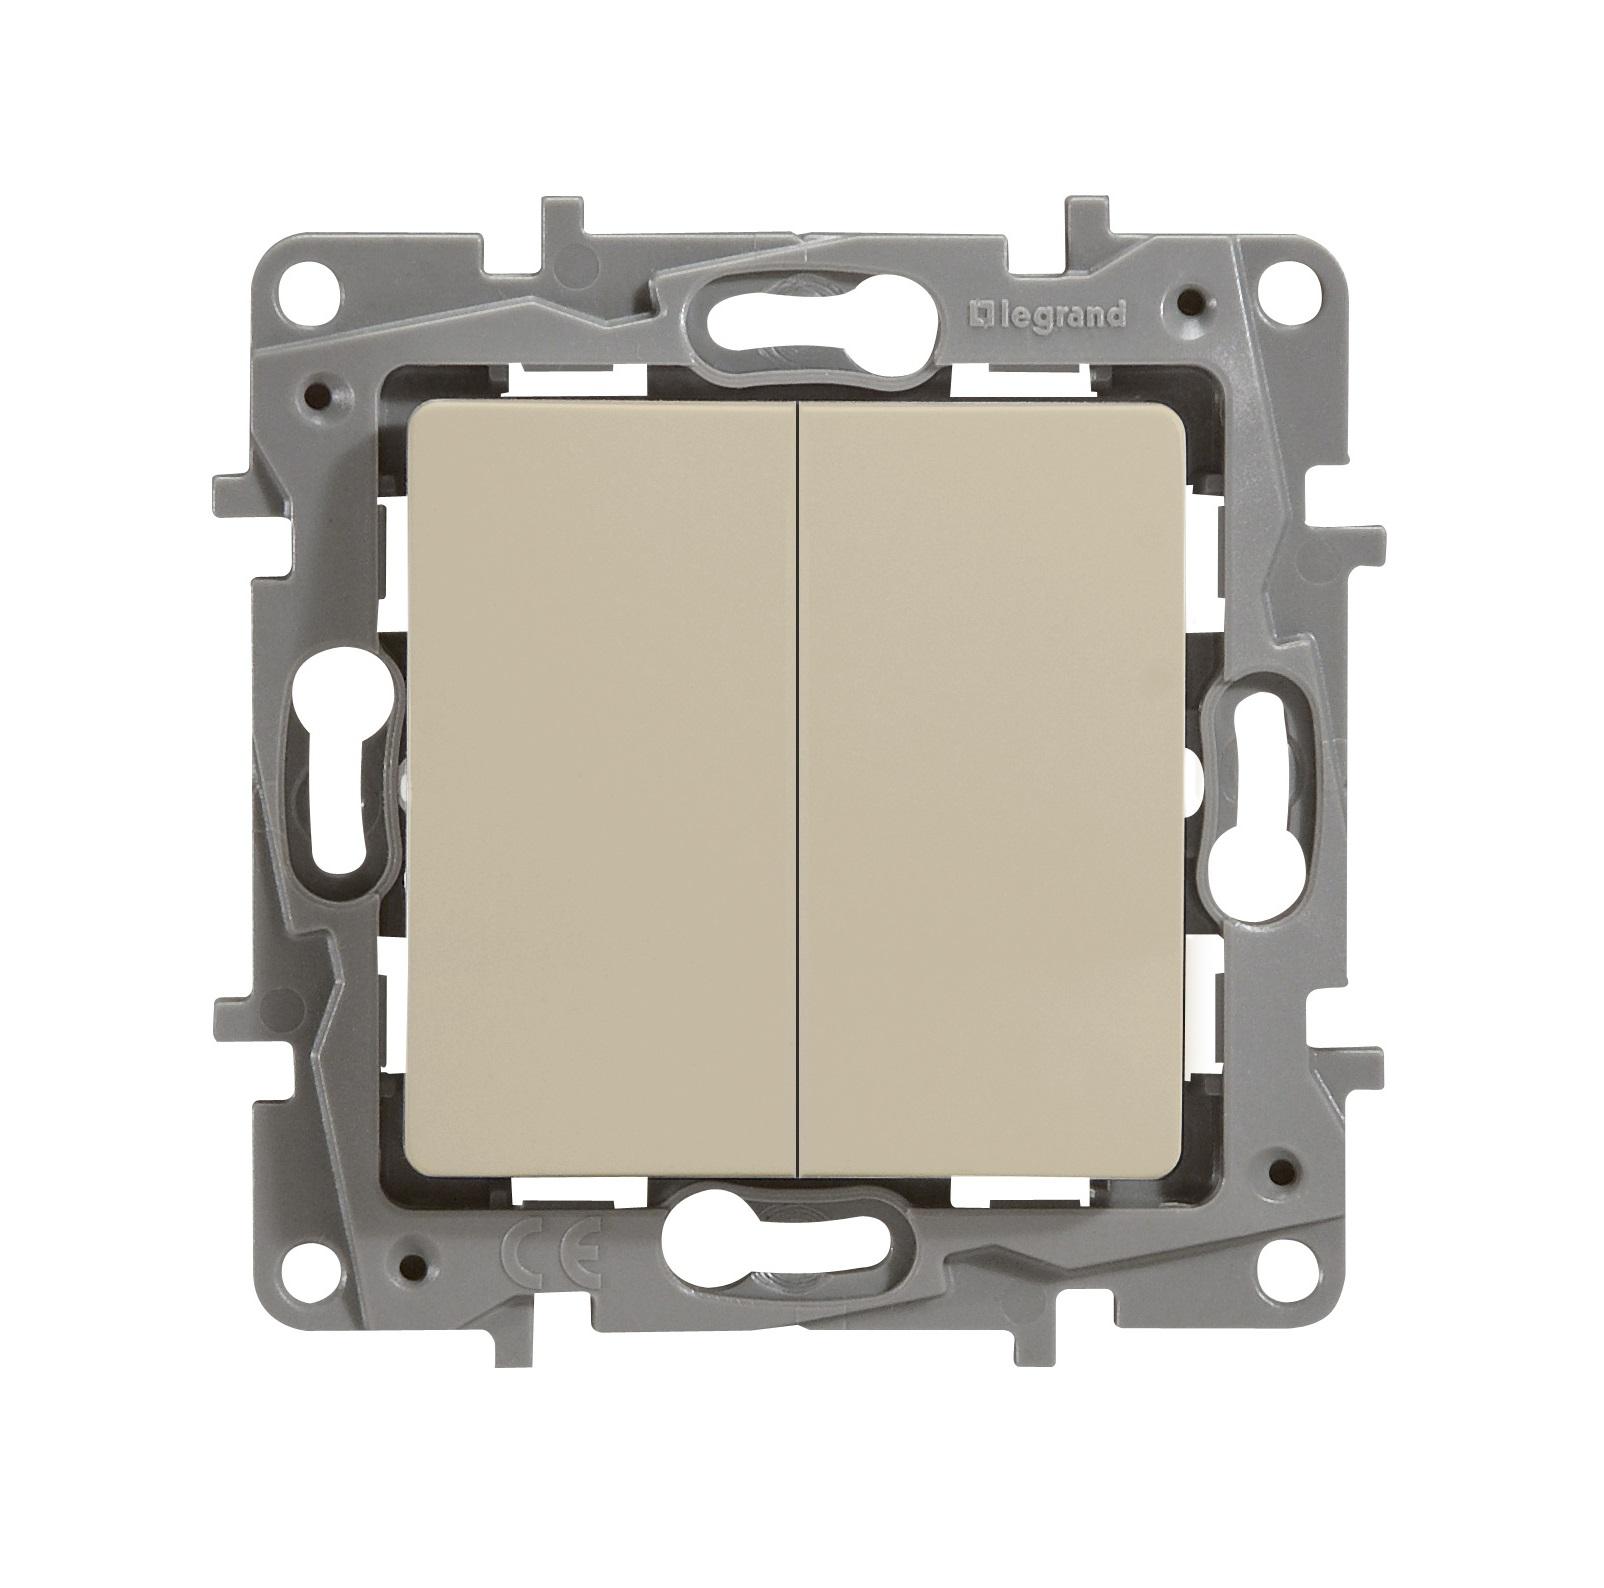 Механизм выключателя Legrand 1066874 выключатель legrand quteo 2 клавишный серый 782332